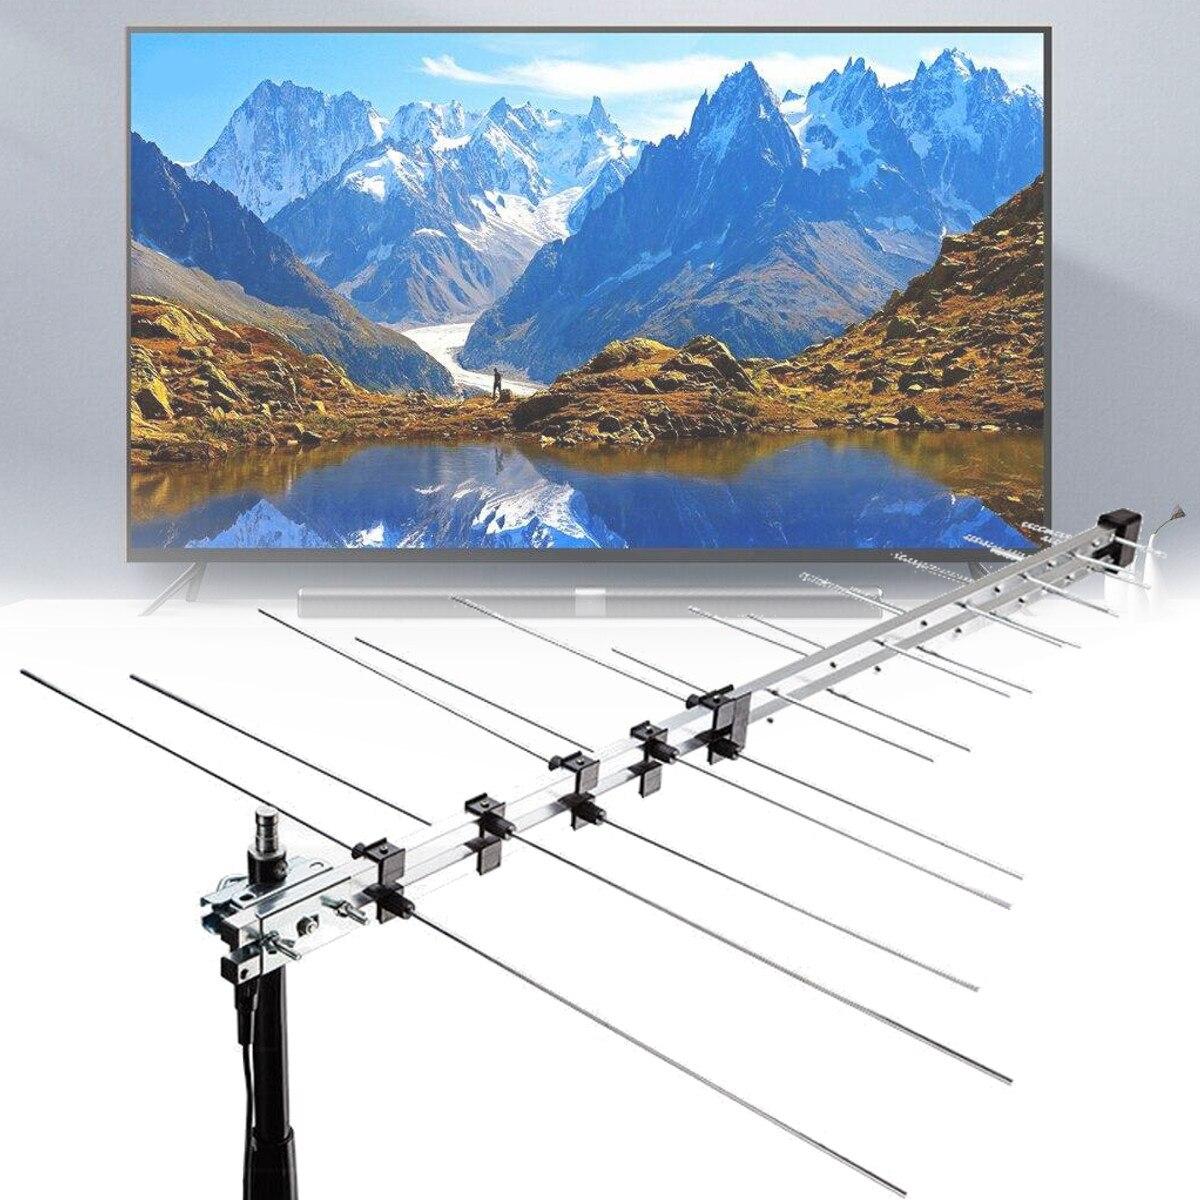 111.5 cm 32 élément TV antenne extérieure numérique antenne UHF VHF HD FM amplifié 8.5db DVB-T Signal Booster TV récepteur accessoires